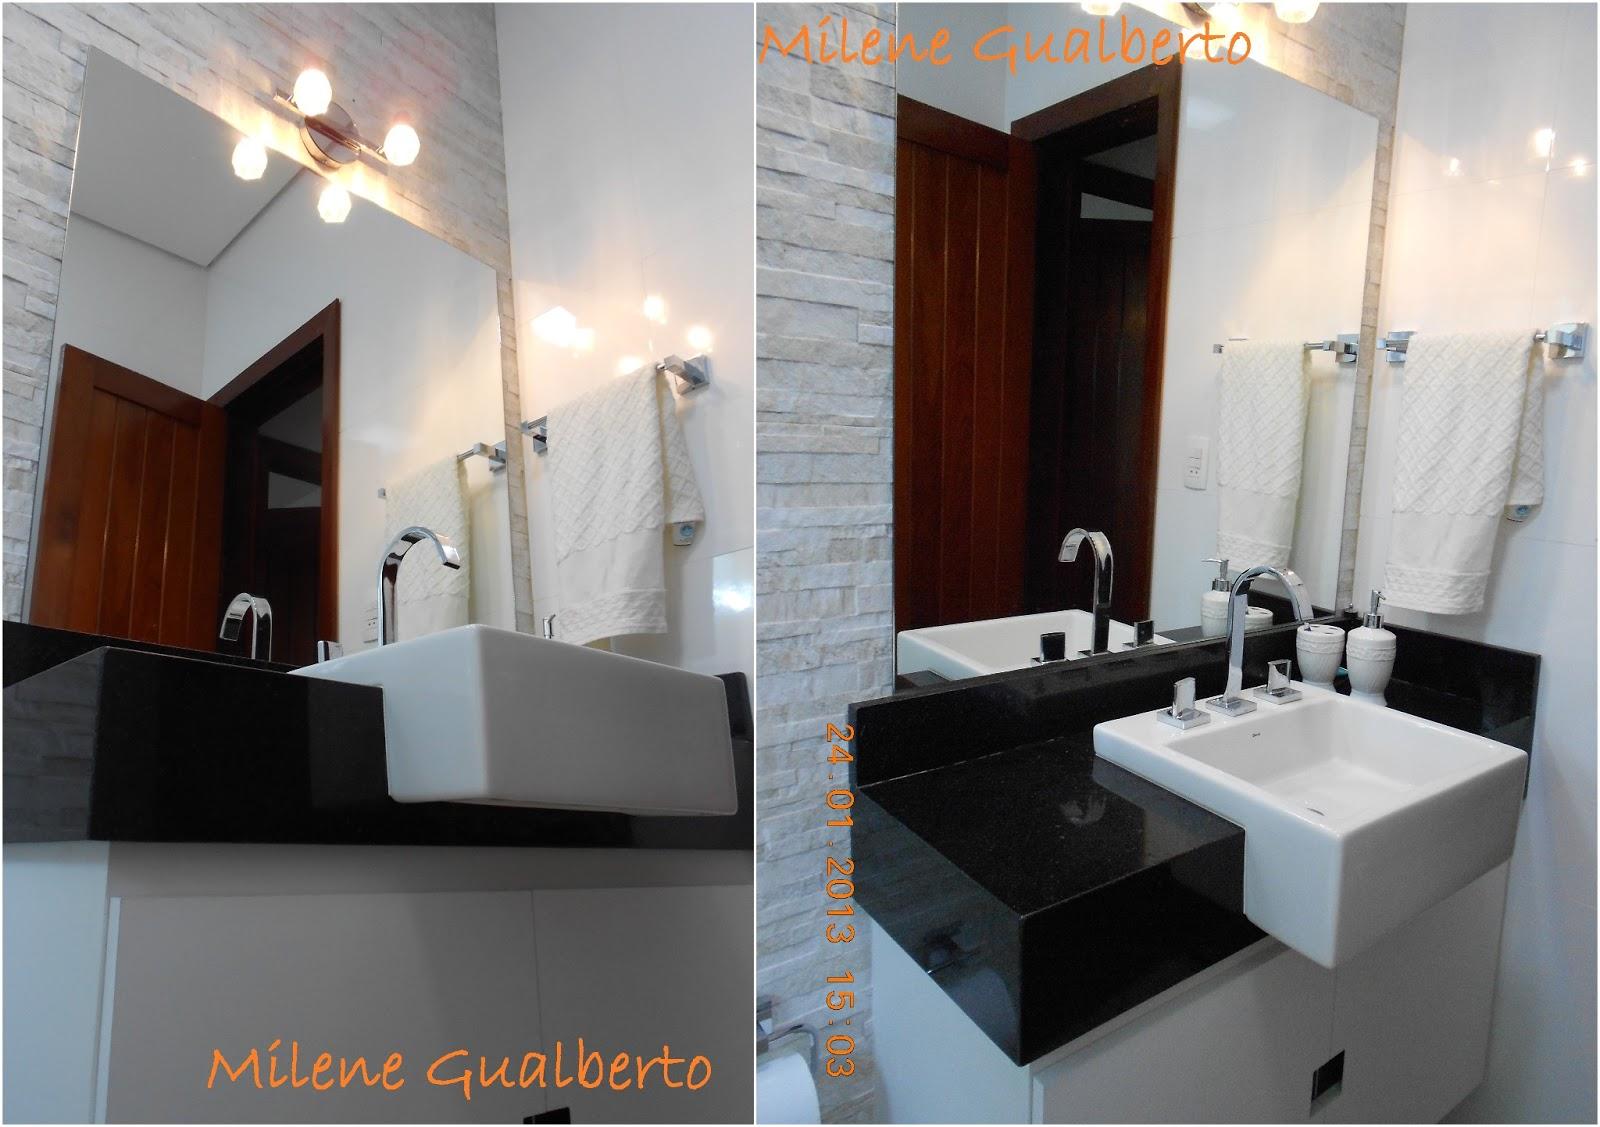 Milene Gualberto: Projetos Residênciais Banheiro Porcelanato HD #9F5C2C 1600x1127 Banheiro Com Porcelanato Rustico